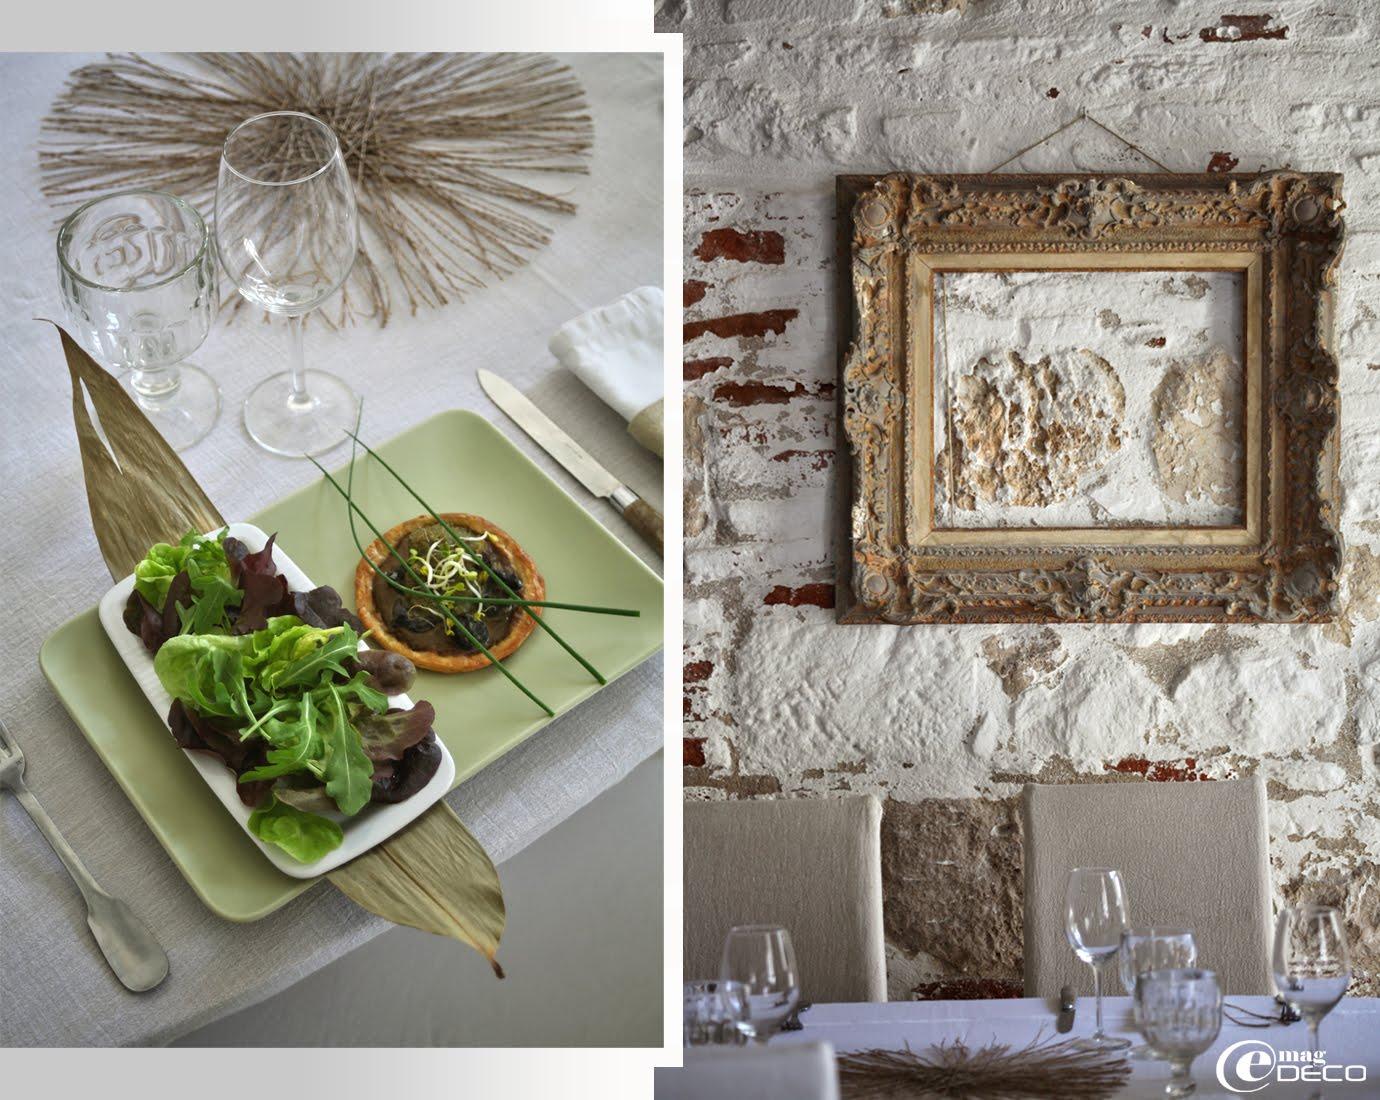 Des plats décoré de feuilles de bambous ou de lotus dans le restaurant 'La Maison sur la Place'